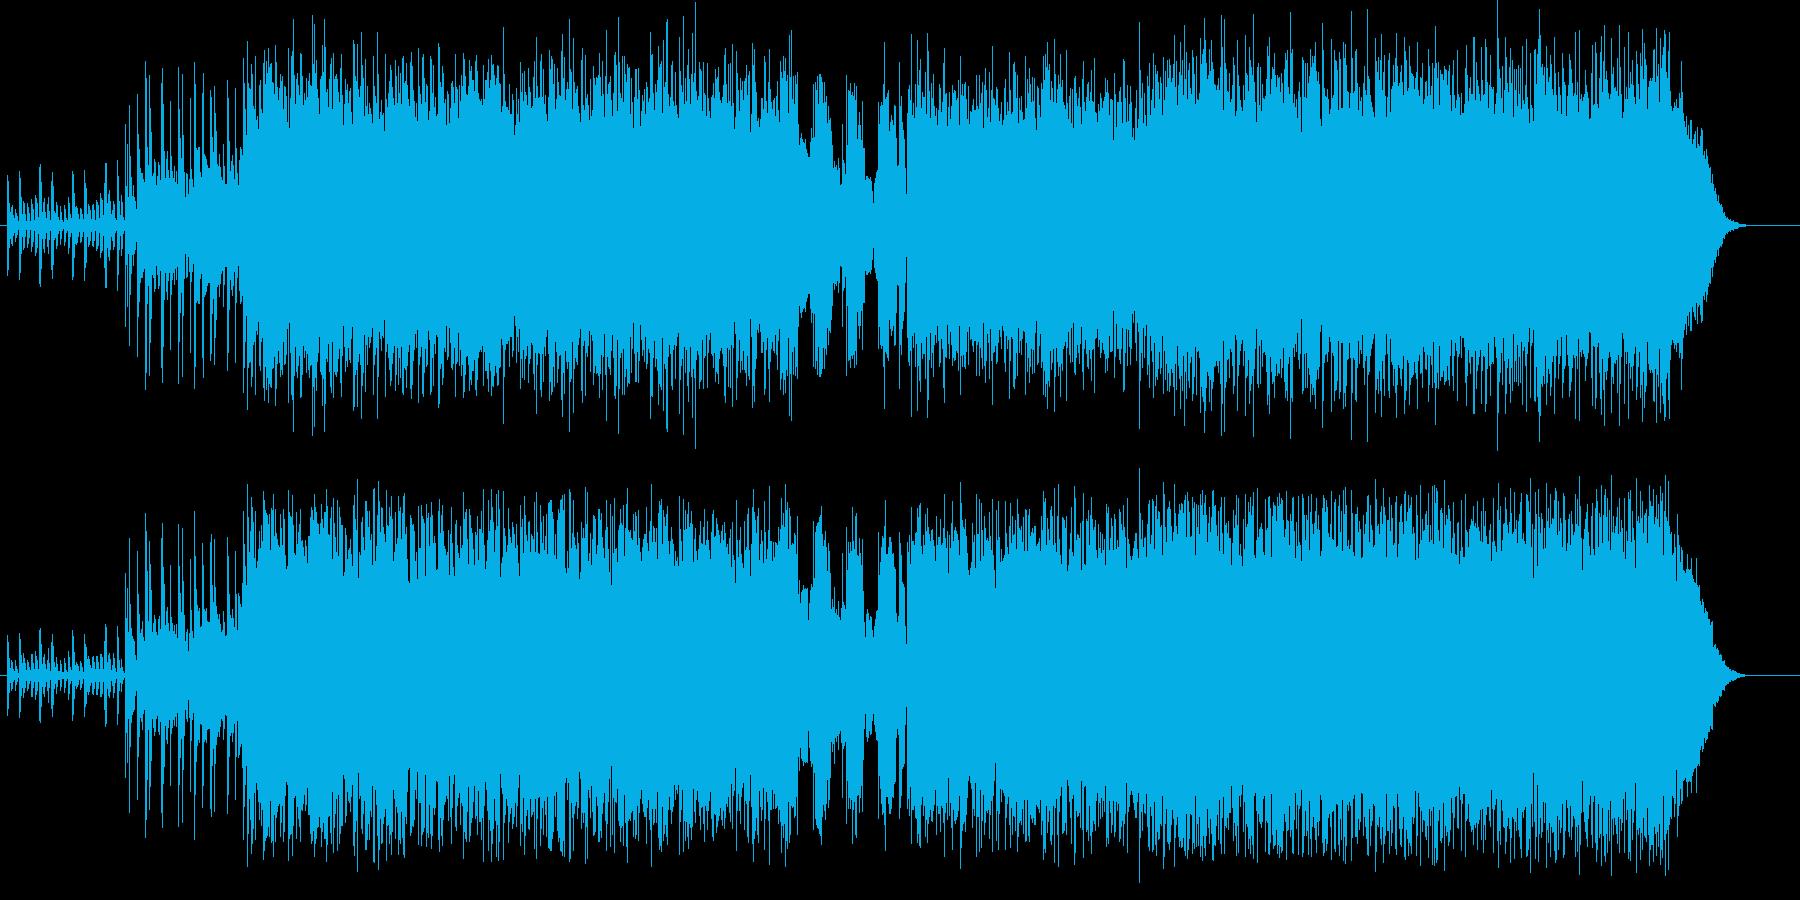 キャッチーでヴィヴィッドなハード・ロックの再生済みの波形